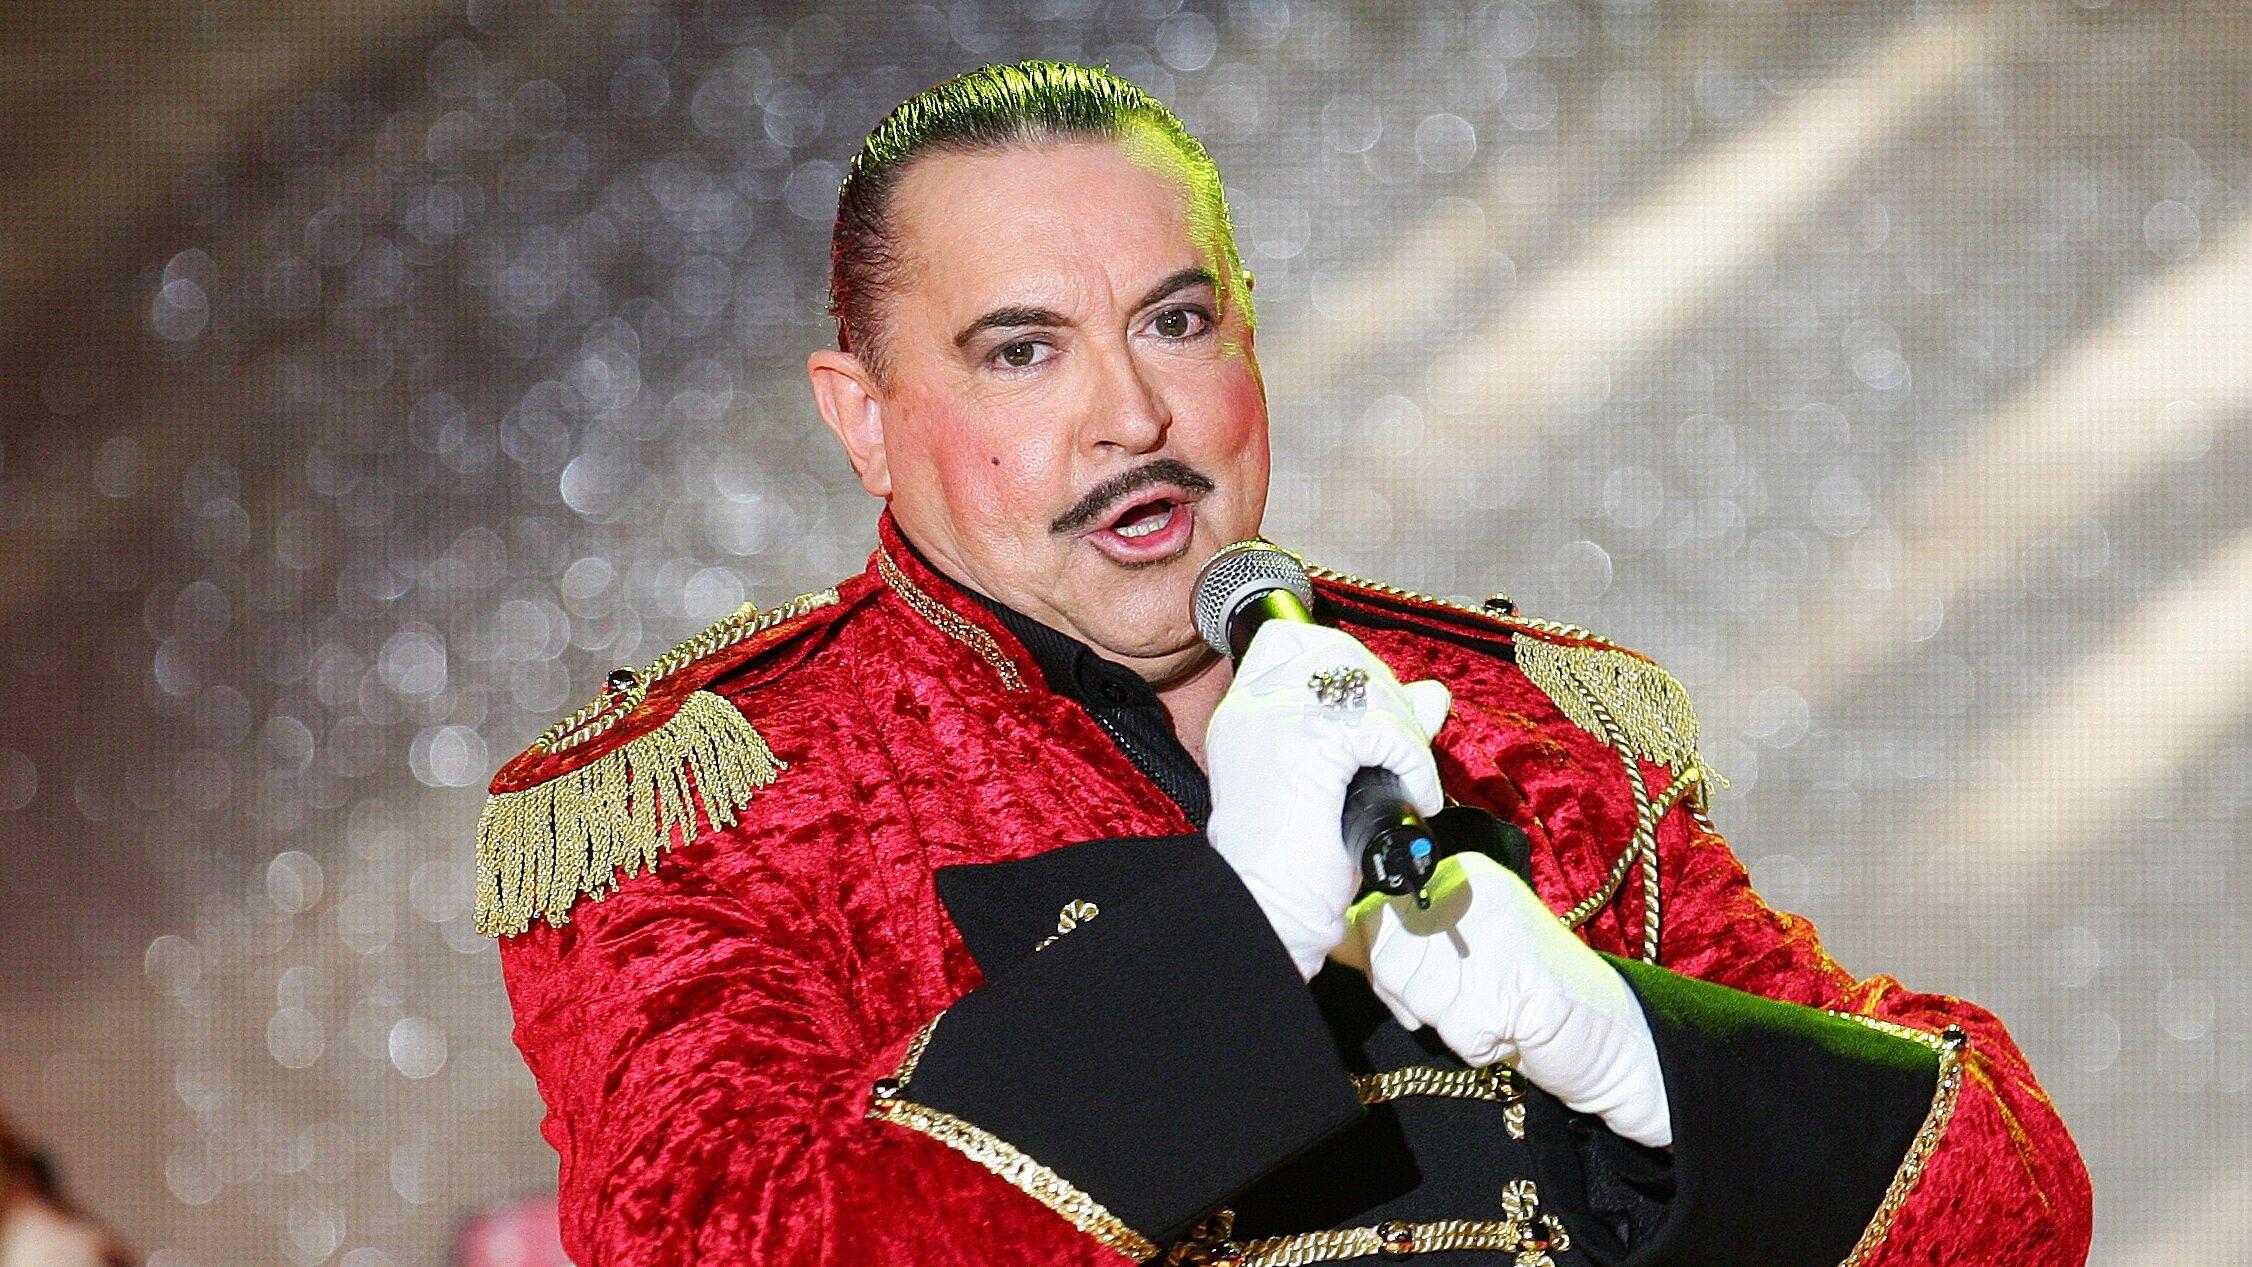 Mort d'Eric Morena : l'interprète de la chanson Oh Mon bateau avait 68 ans